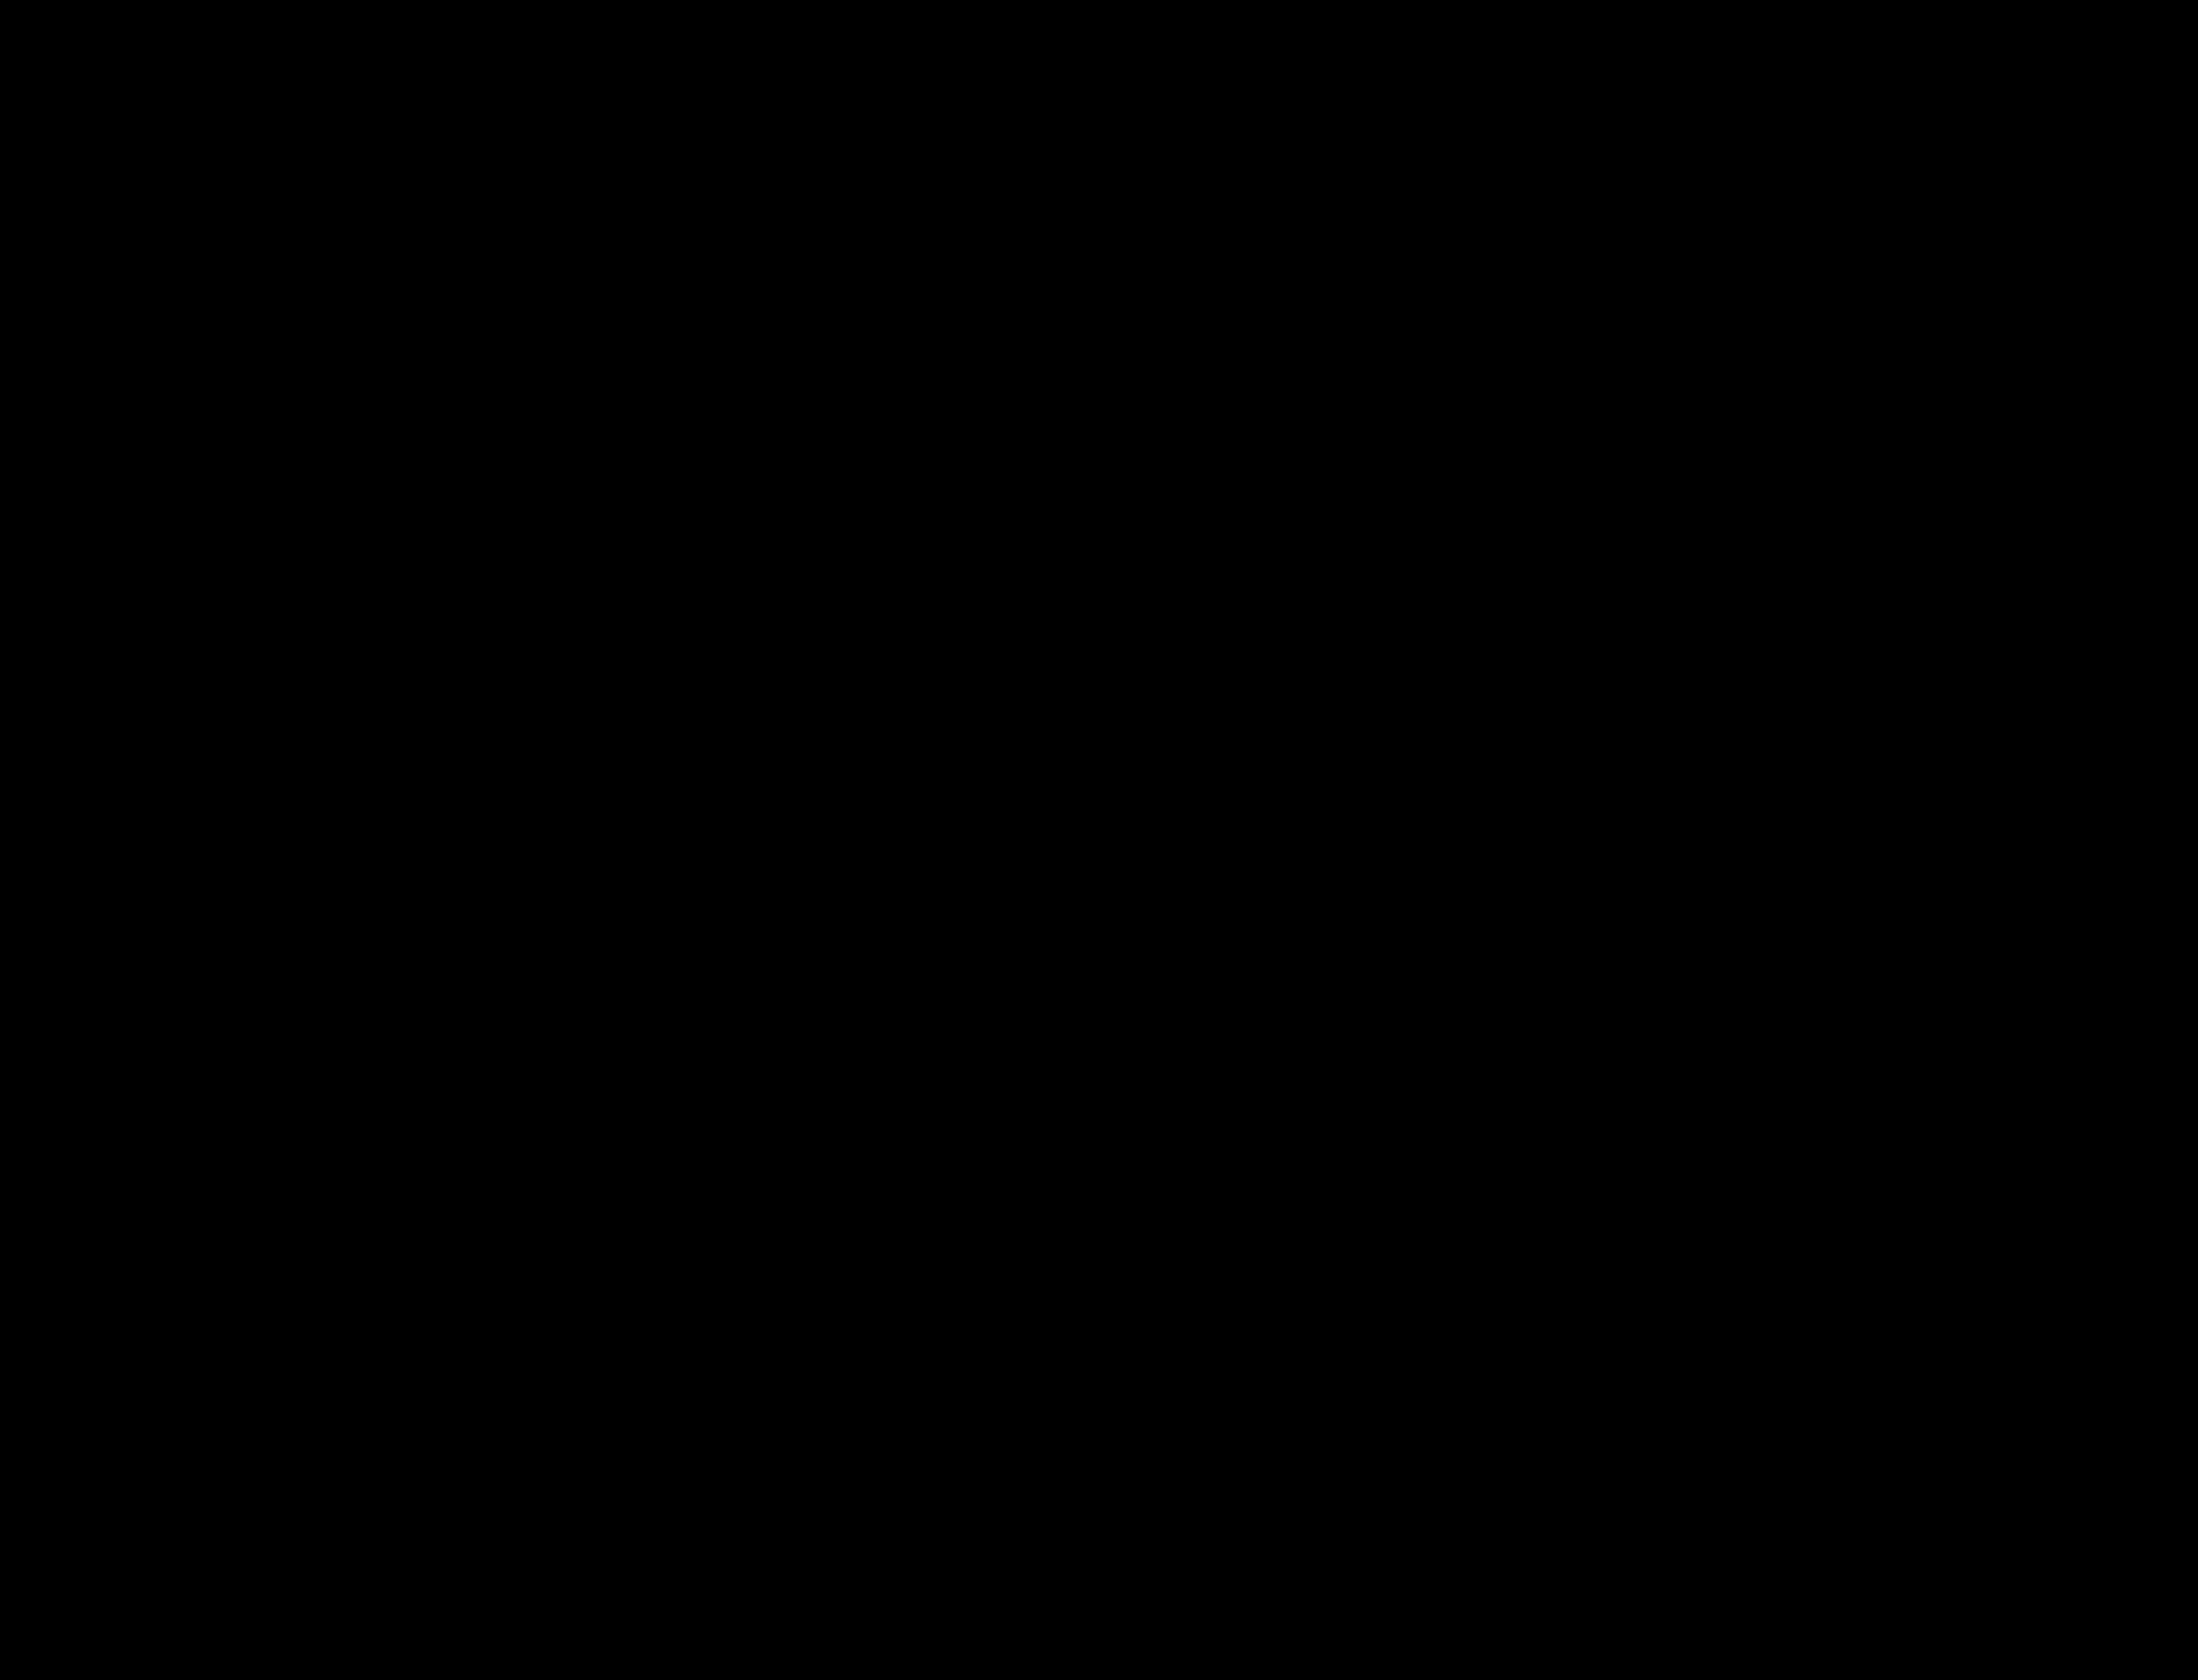 Ambasadorici Bosne i Hercegovine u Republici Makedoniji Lepoj Babić zamjenik predsjednika Vlade i ministar unutrašnjih poslova Republike Makedonije Oliver Spasovski uručio plaketu – zahvalnicu za uspješnu i prijateljsku saradnju